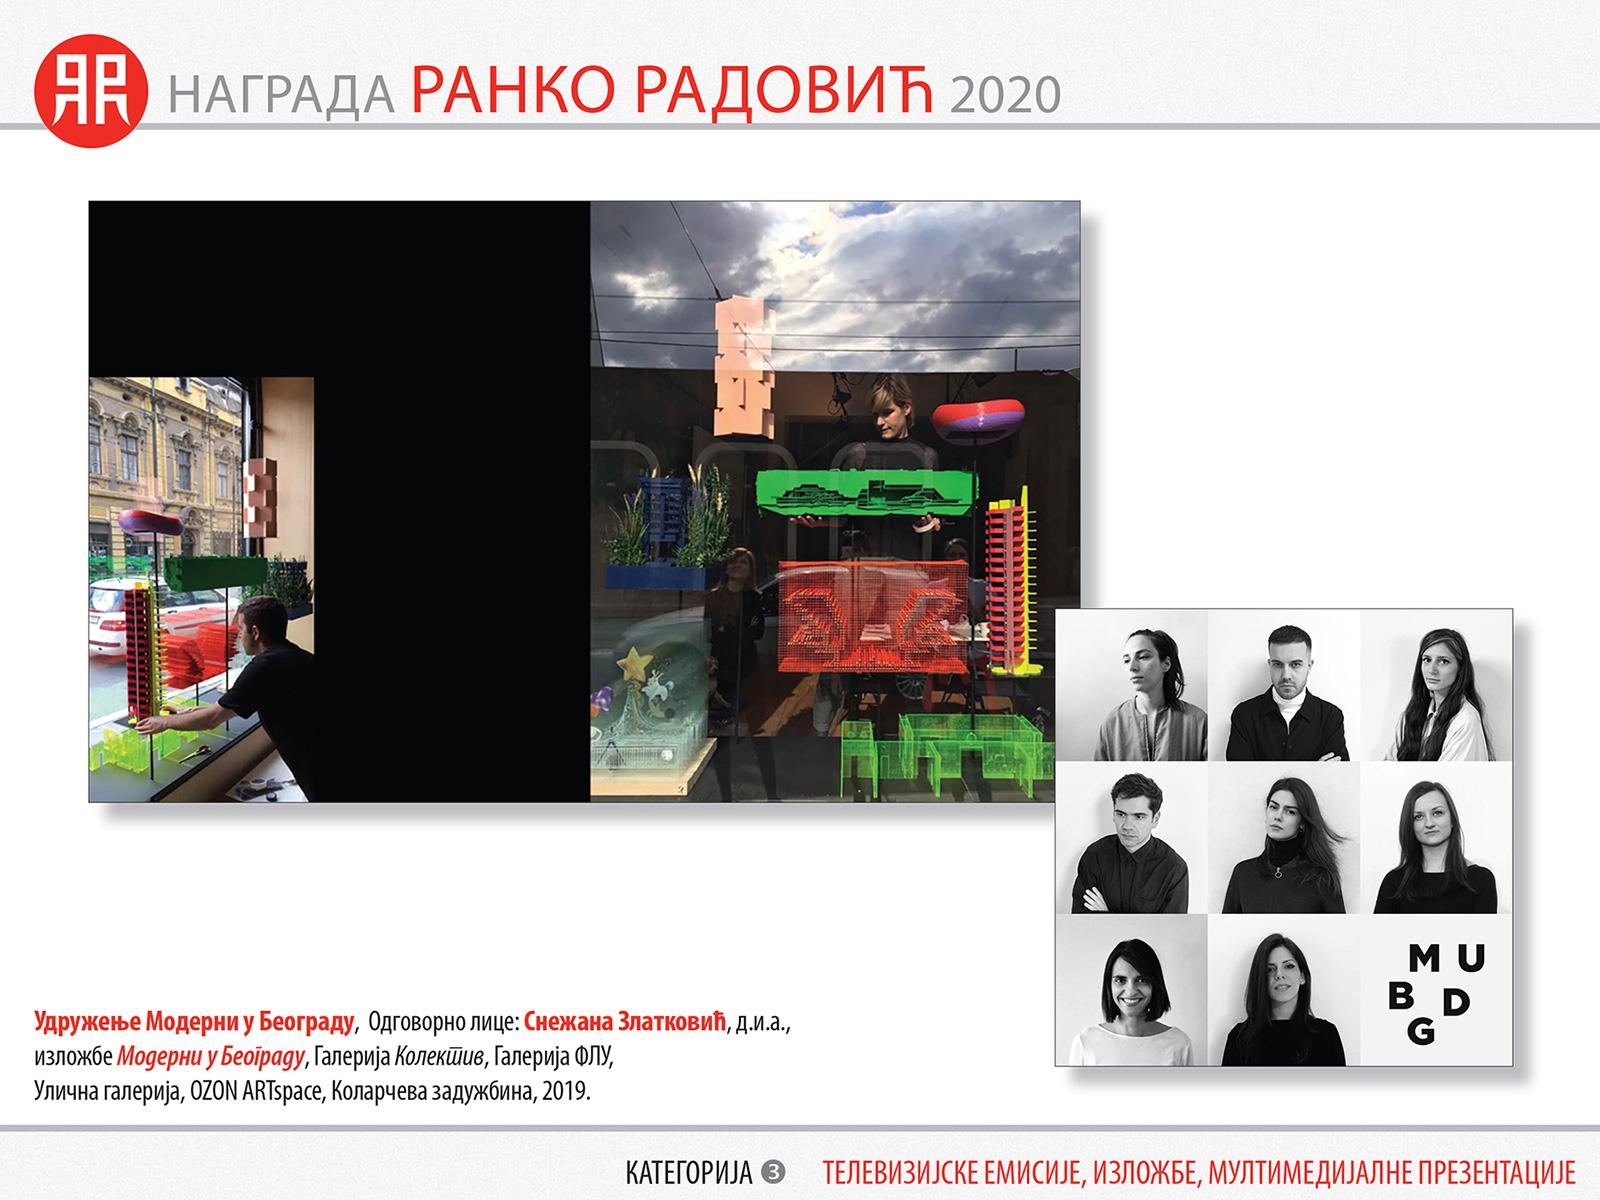 RR20_Nagrada_Kat-3-vh